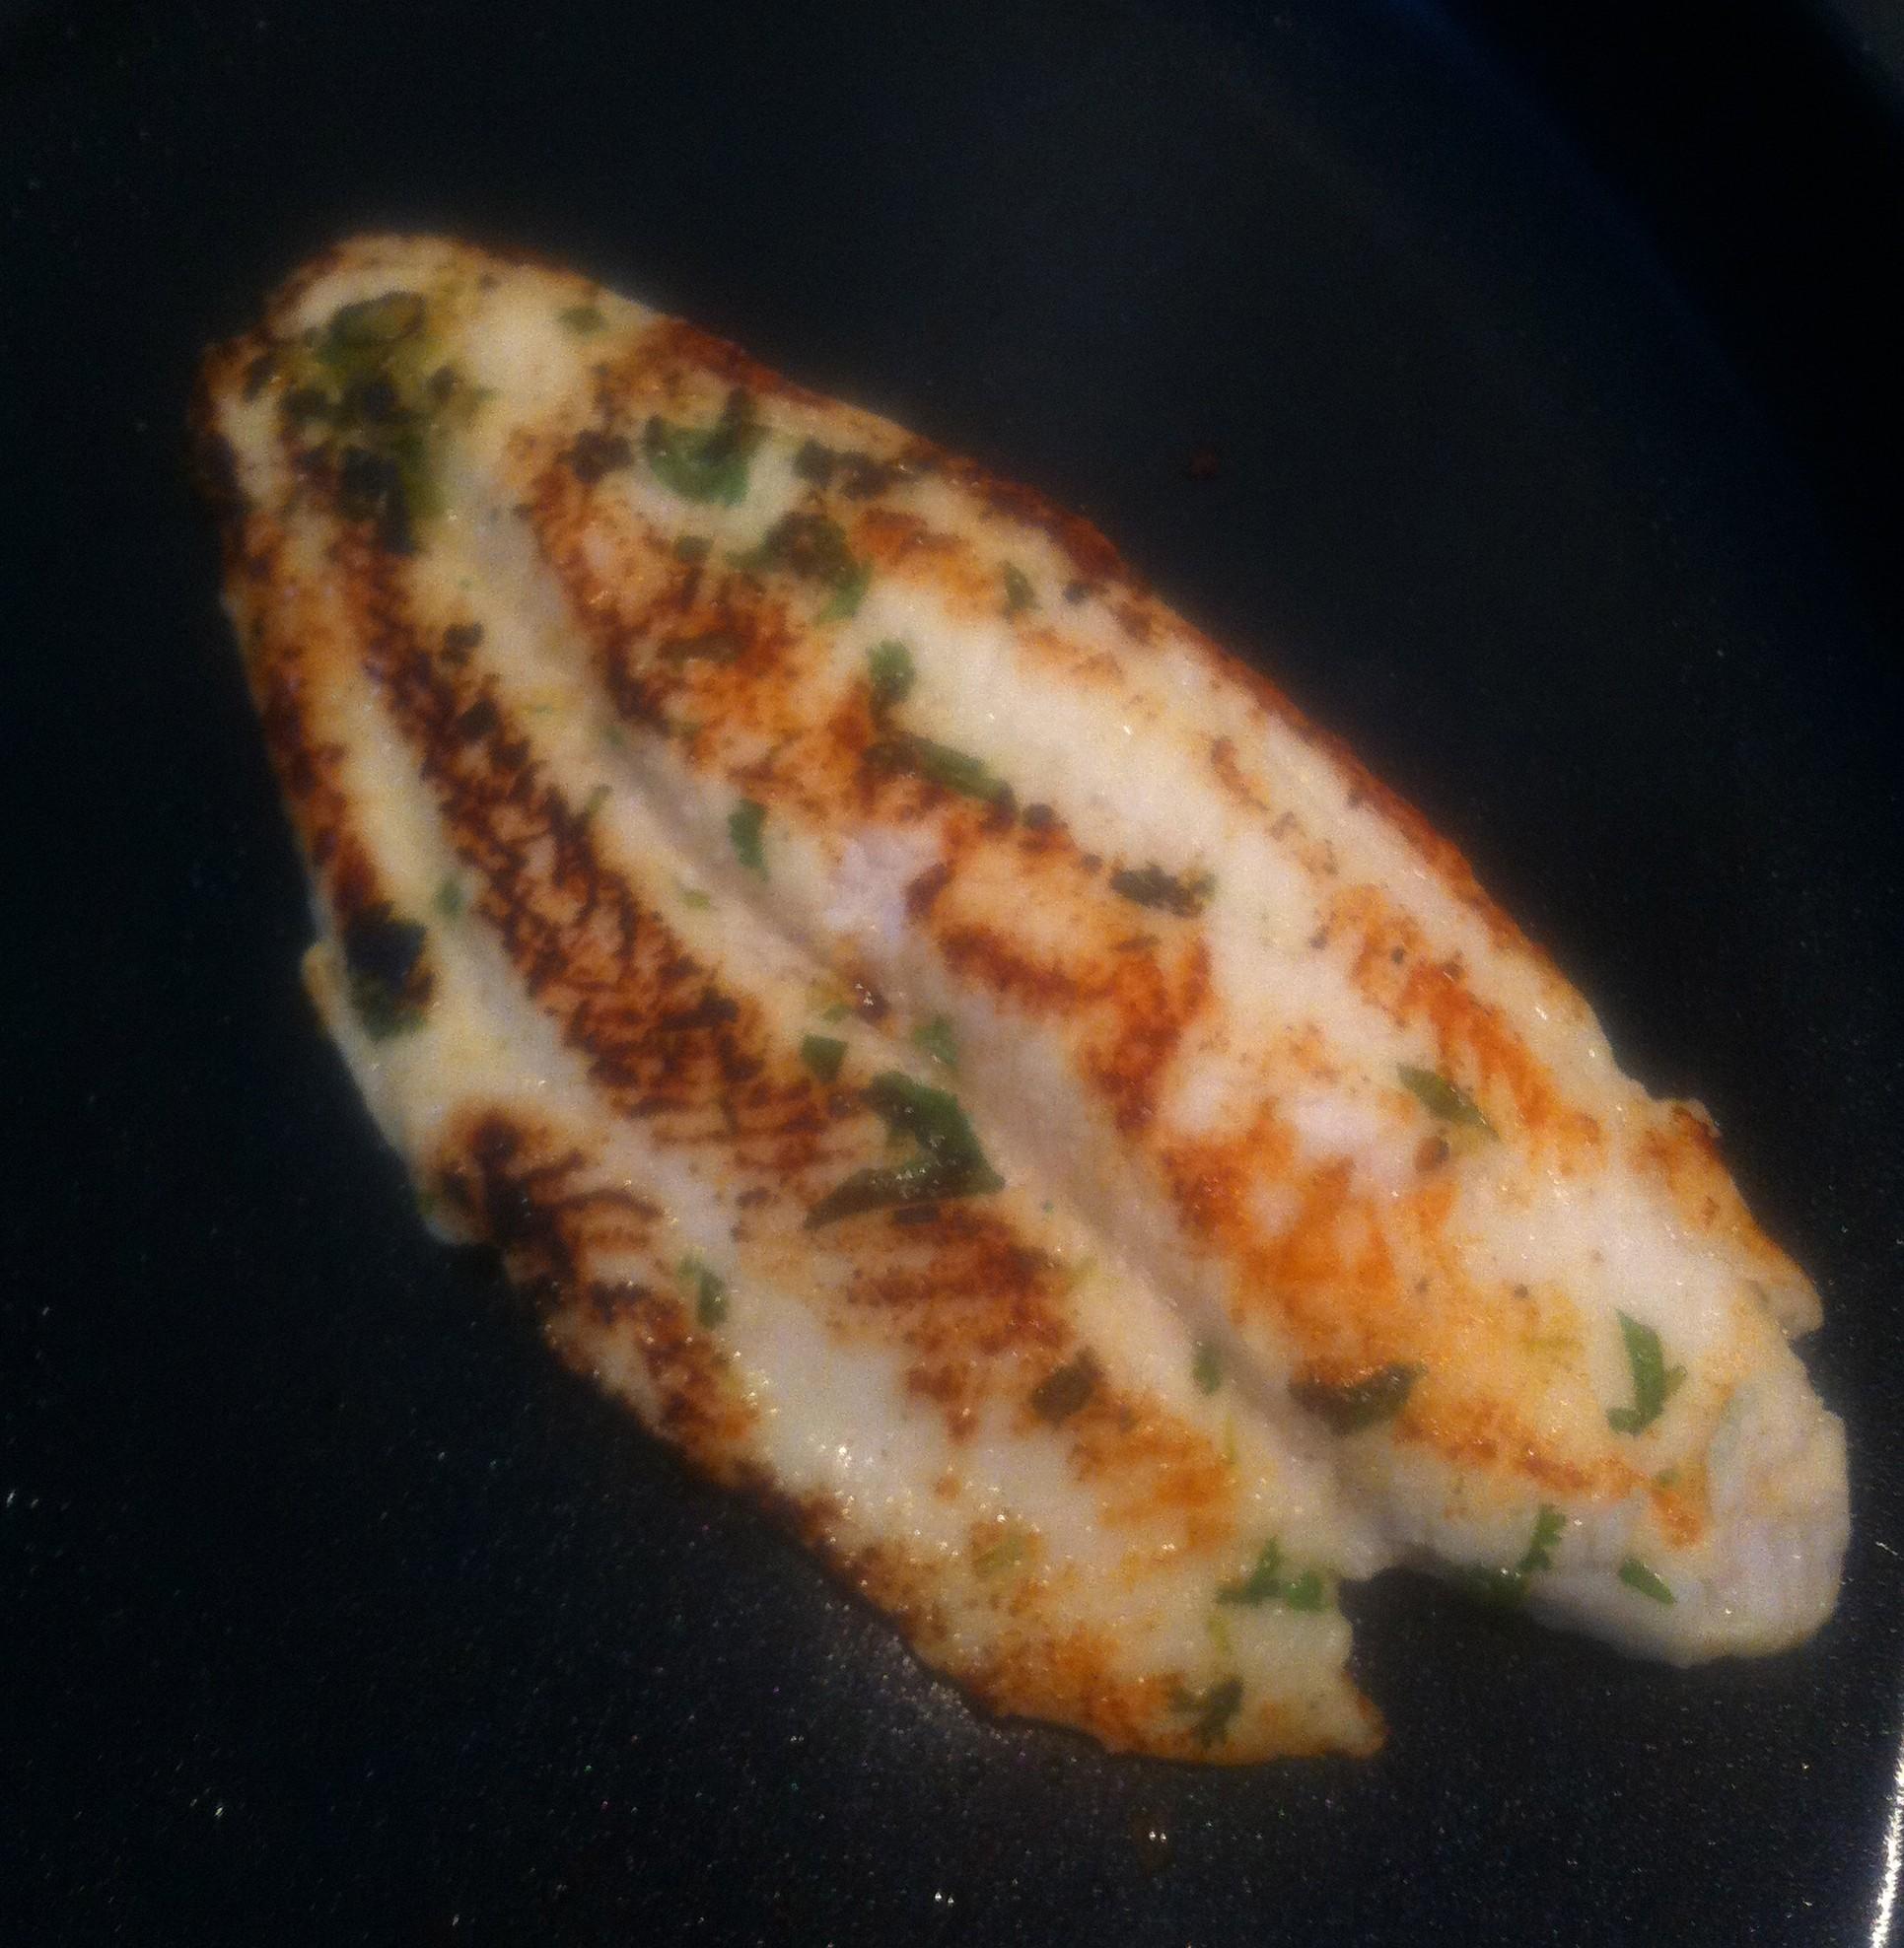 vis tortilla met koriander en limoen | more #recepies at www.notafraidofbutter.nl